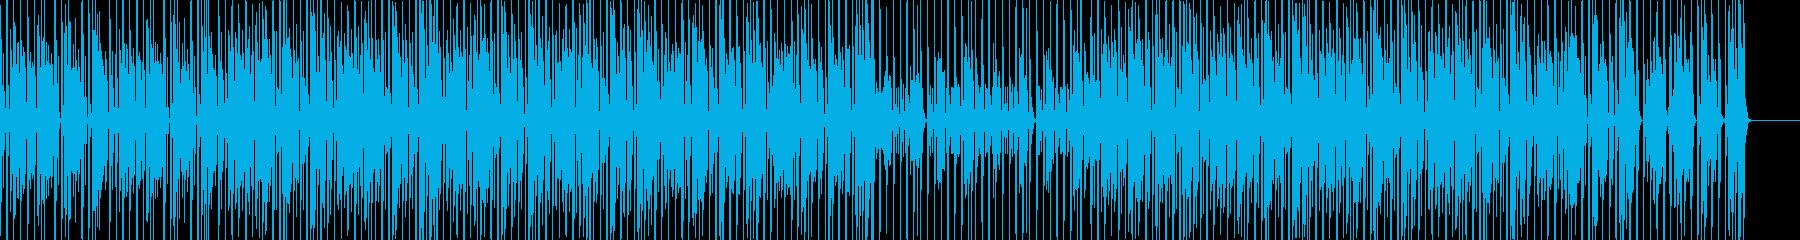 考える時間/なぞなぞ専用BGMの再生済みの波形